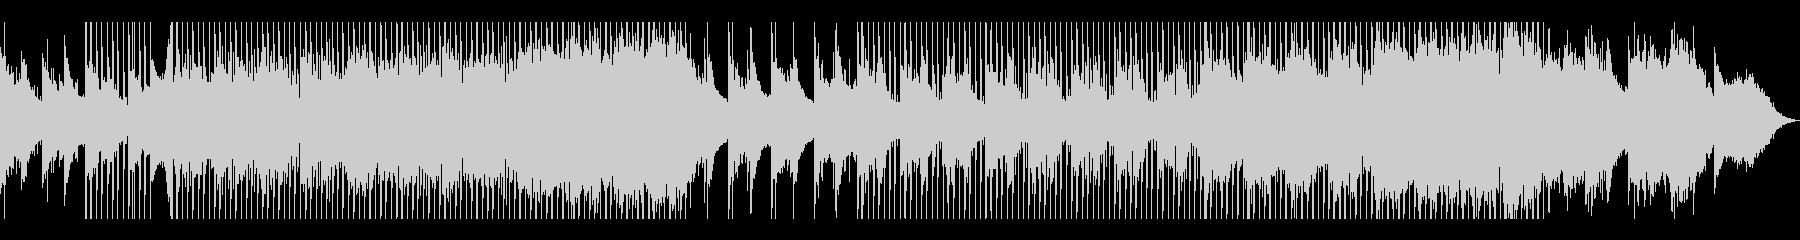 幻想的で透明感のあるピアノのメロディの未再生の波形